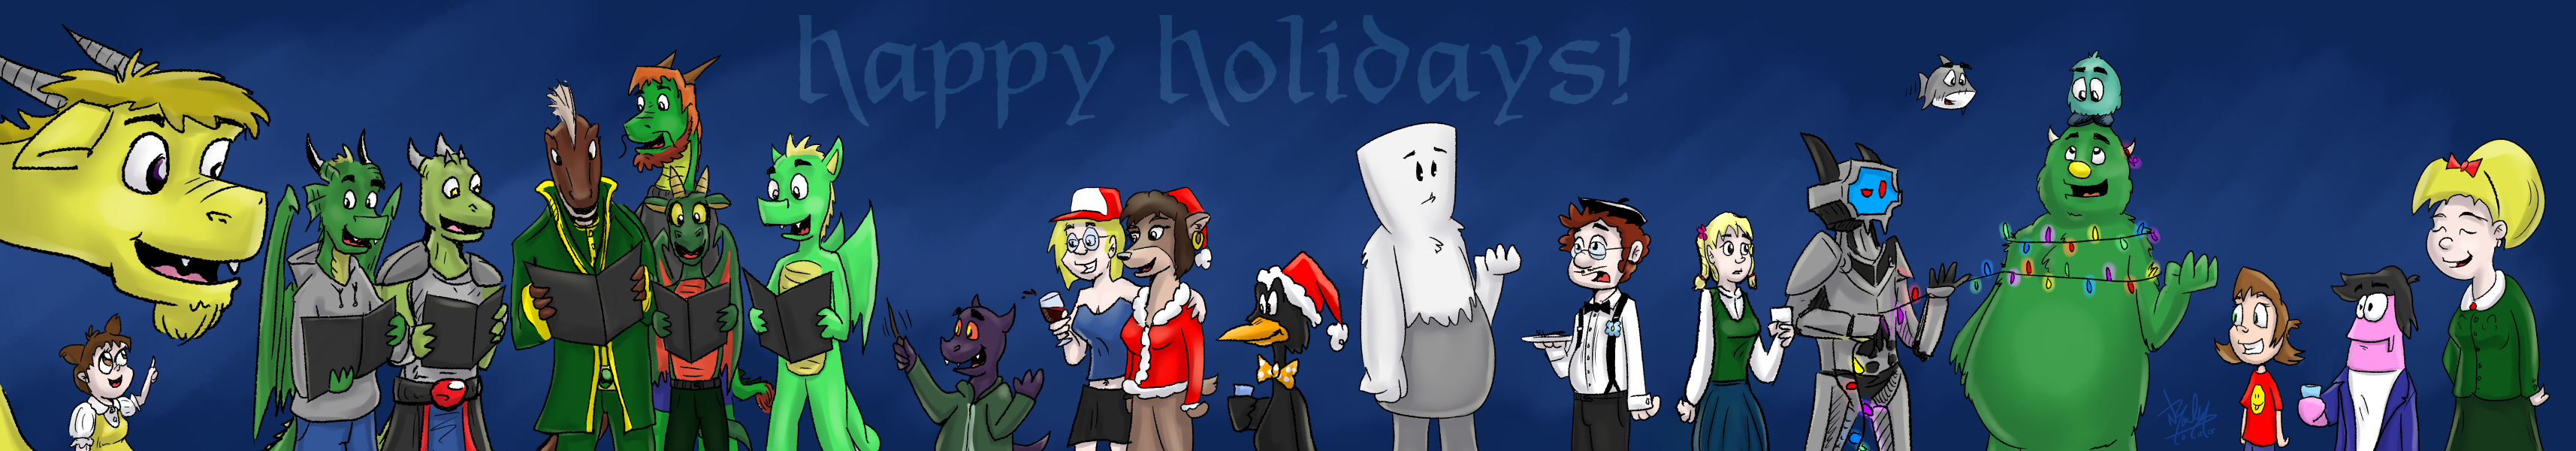 Happy Holidays 2015 by Droakir